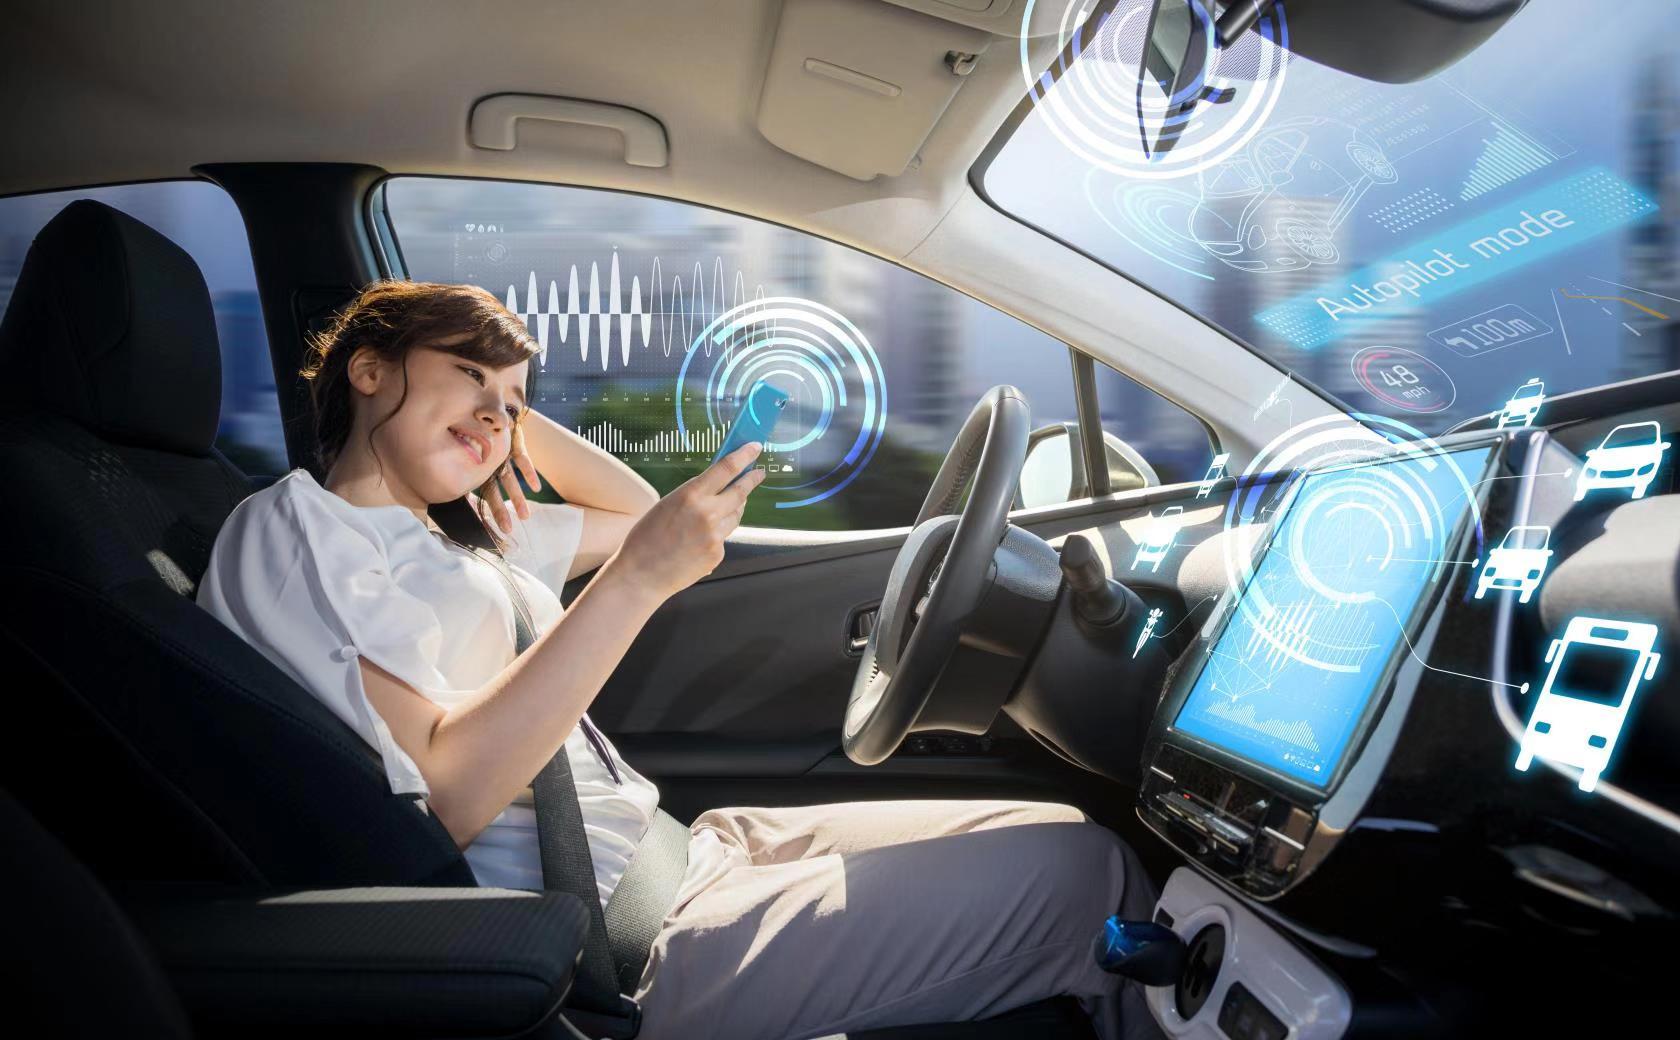 英飛凌將亮相 2020 年 CES, 展示連接現實與數字世界的創新科技